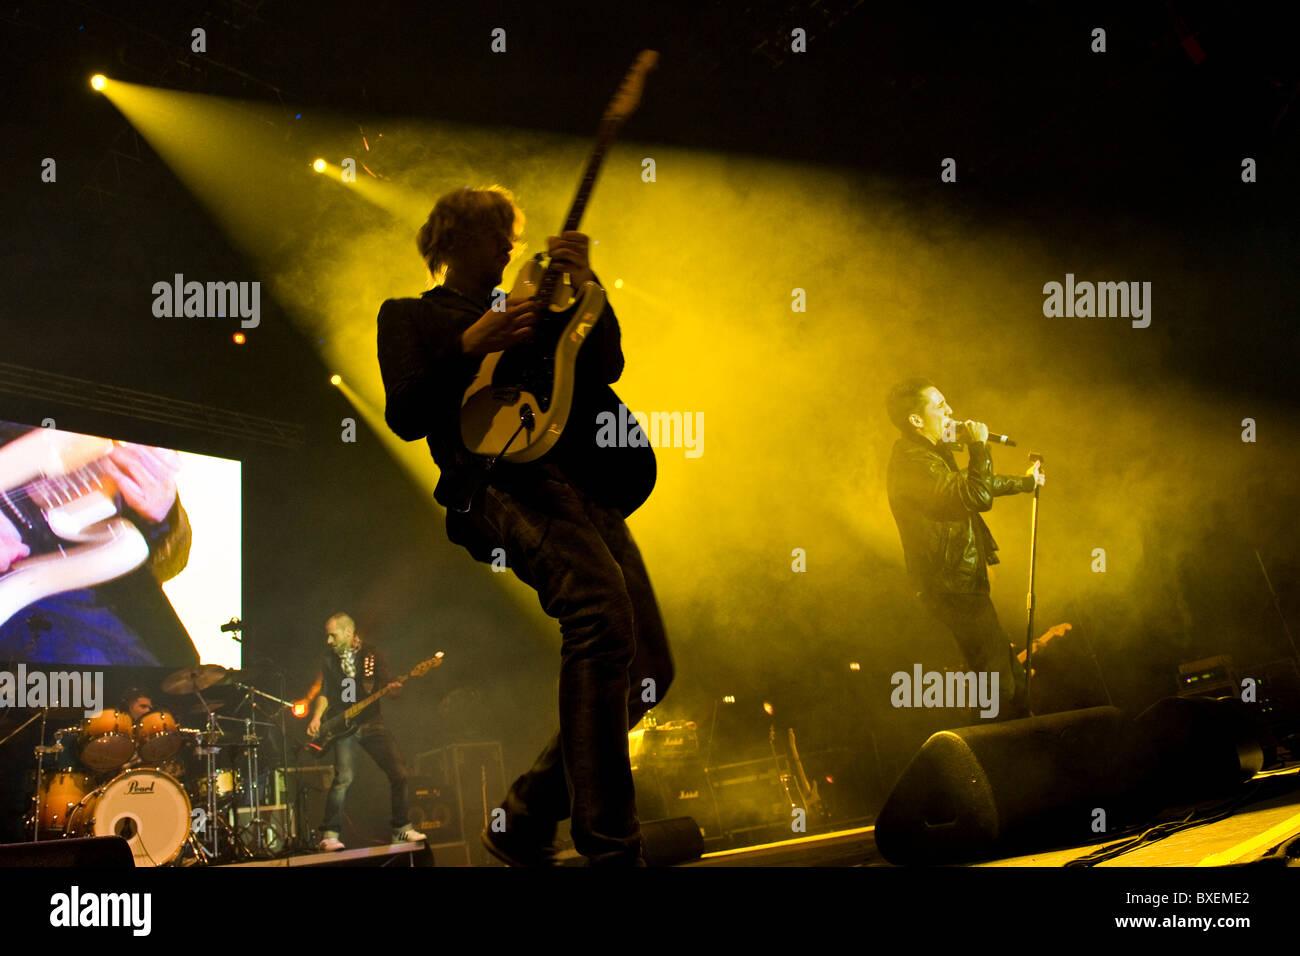 """Guitarra Diego Arrigoni, Moda en concierto, el Palasharp """", Milán, Italia (18.12.2010). Imagen De Stock"""